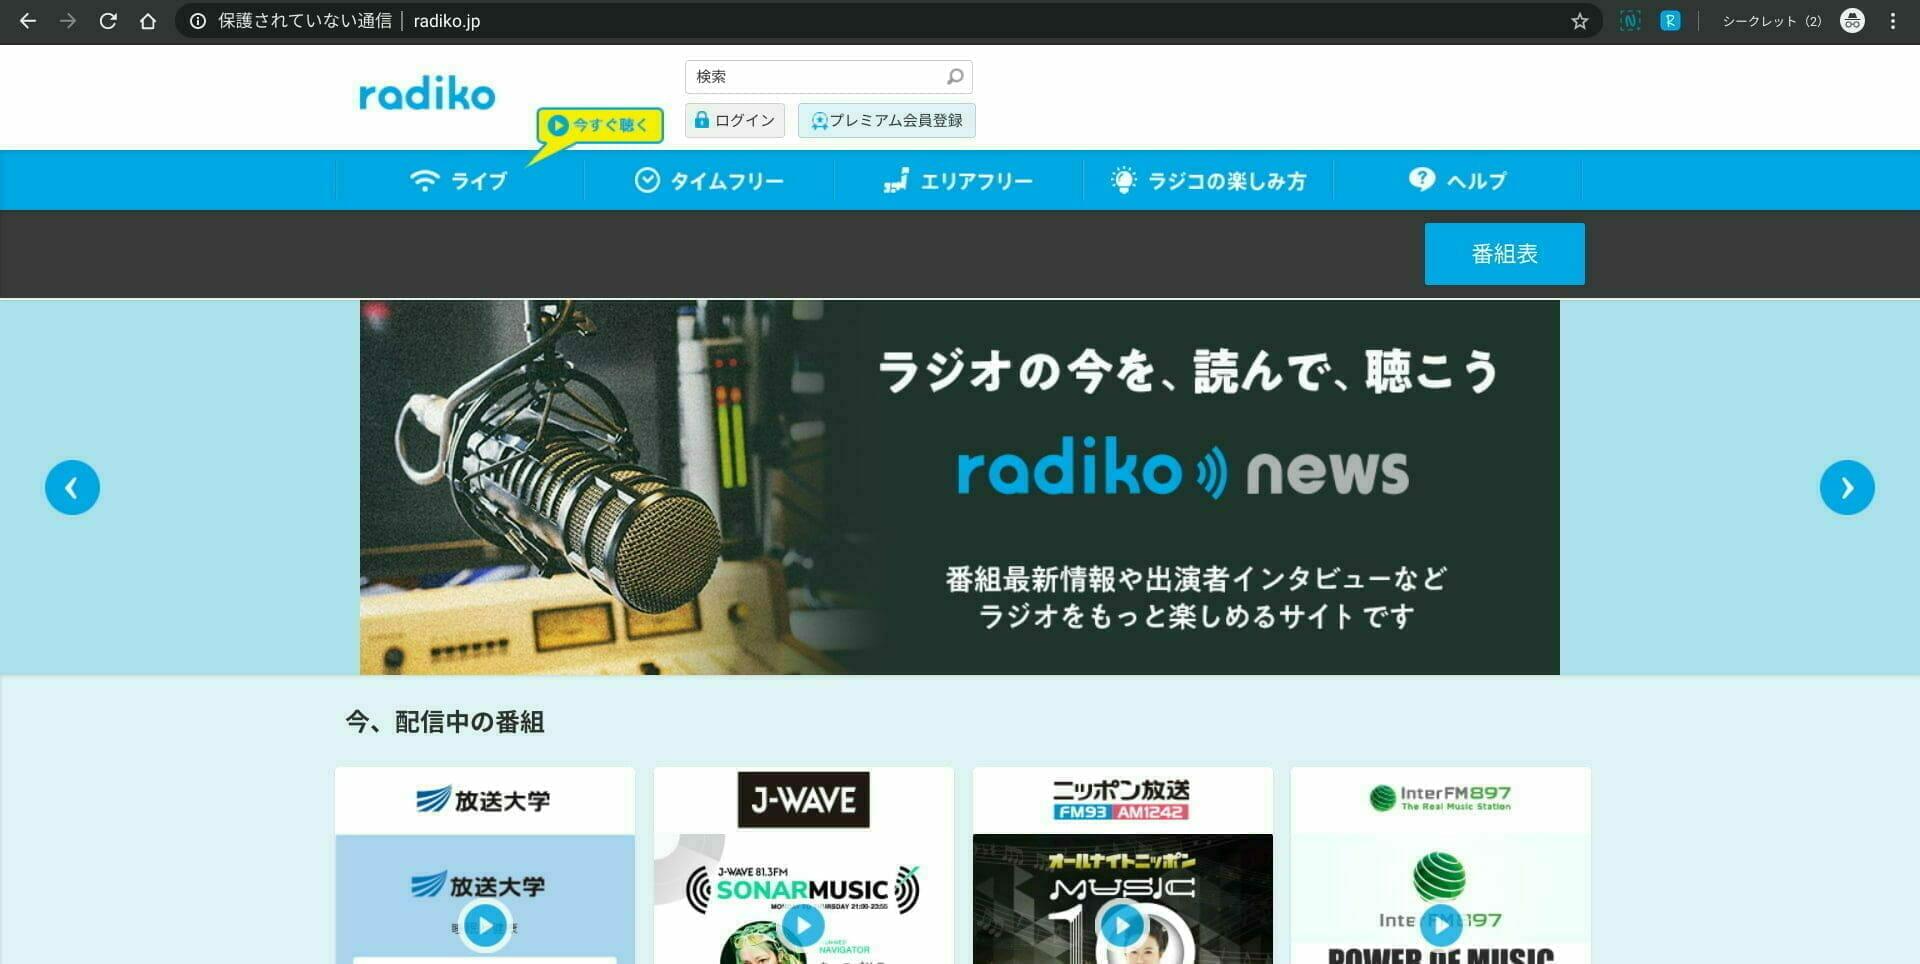 Webサイト:radiko